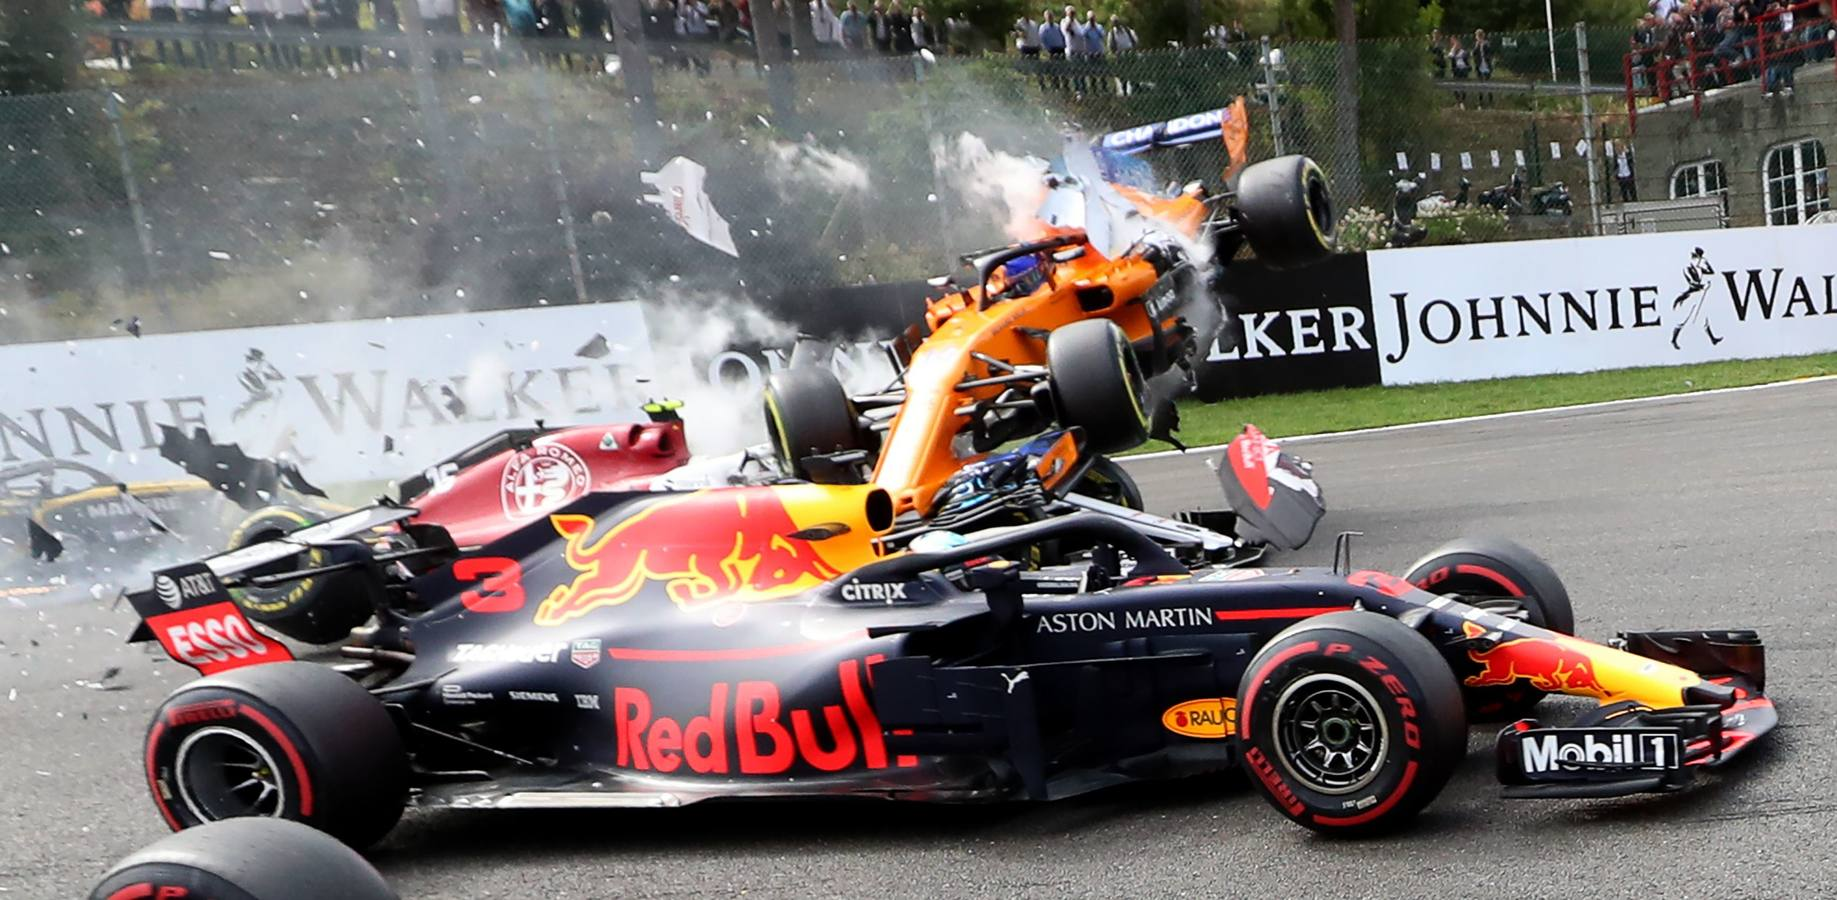 Las imágenes del brutal accidente de Fernando Alonso